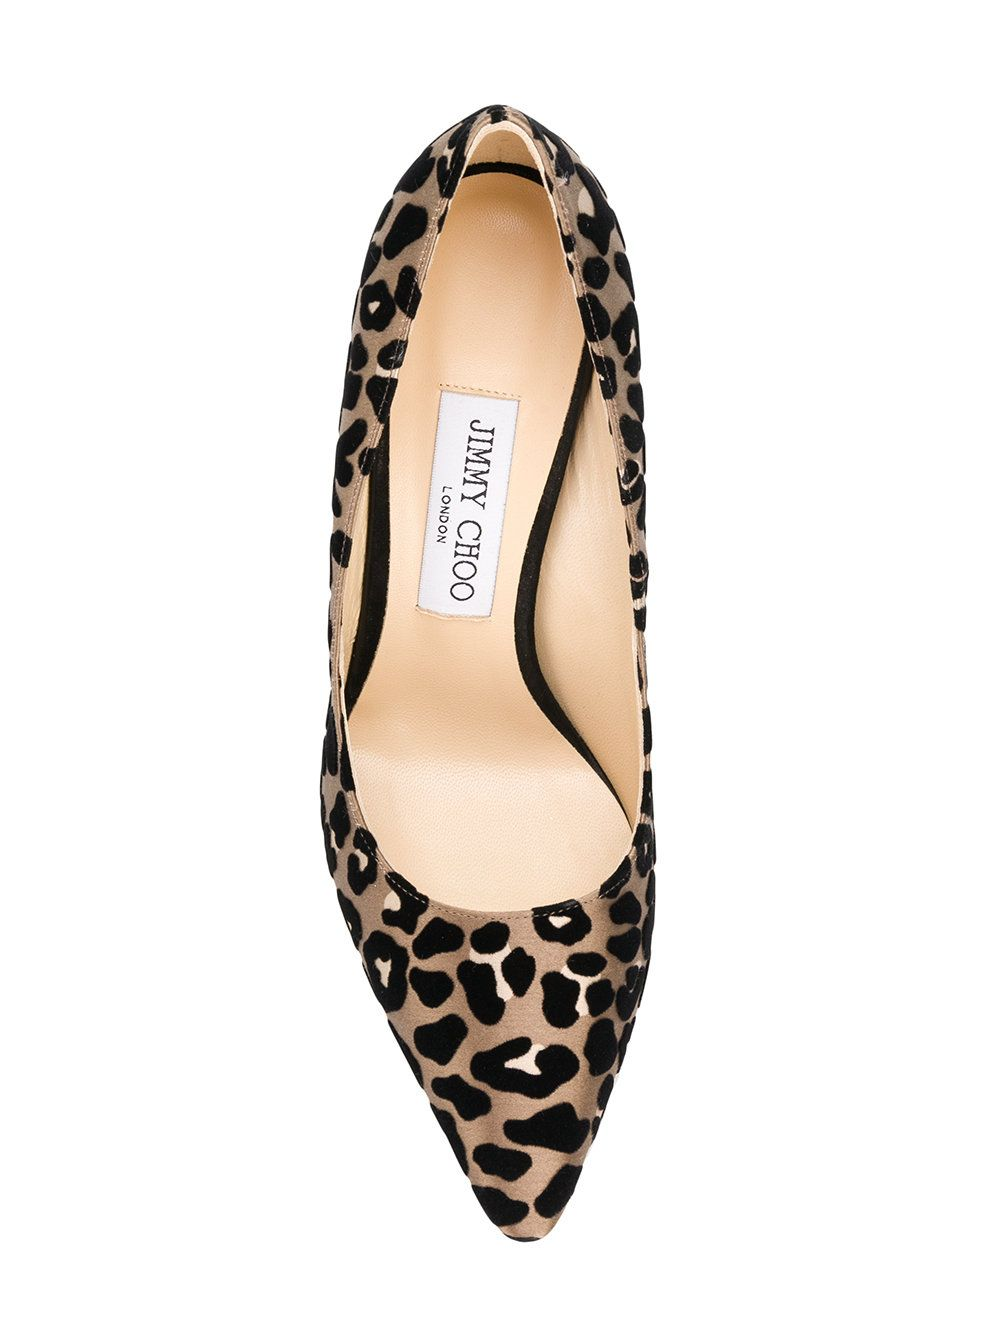 jimmy choo leopard heels